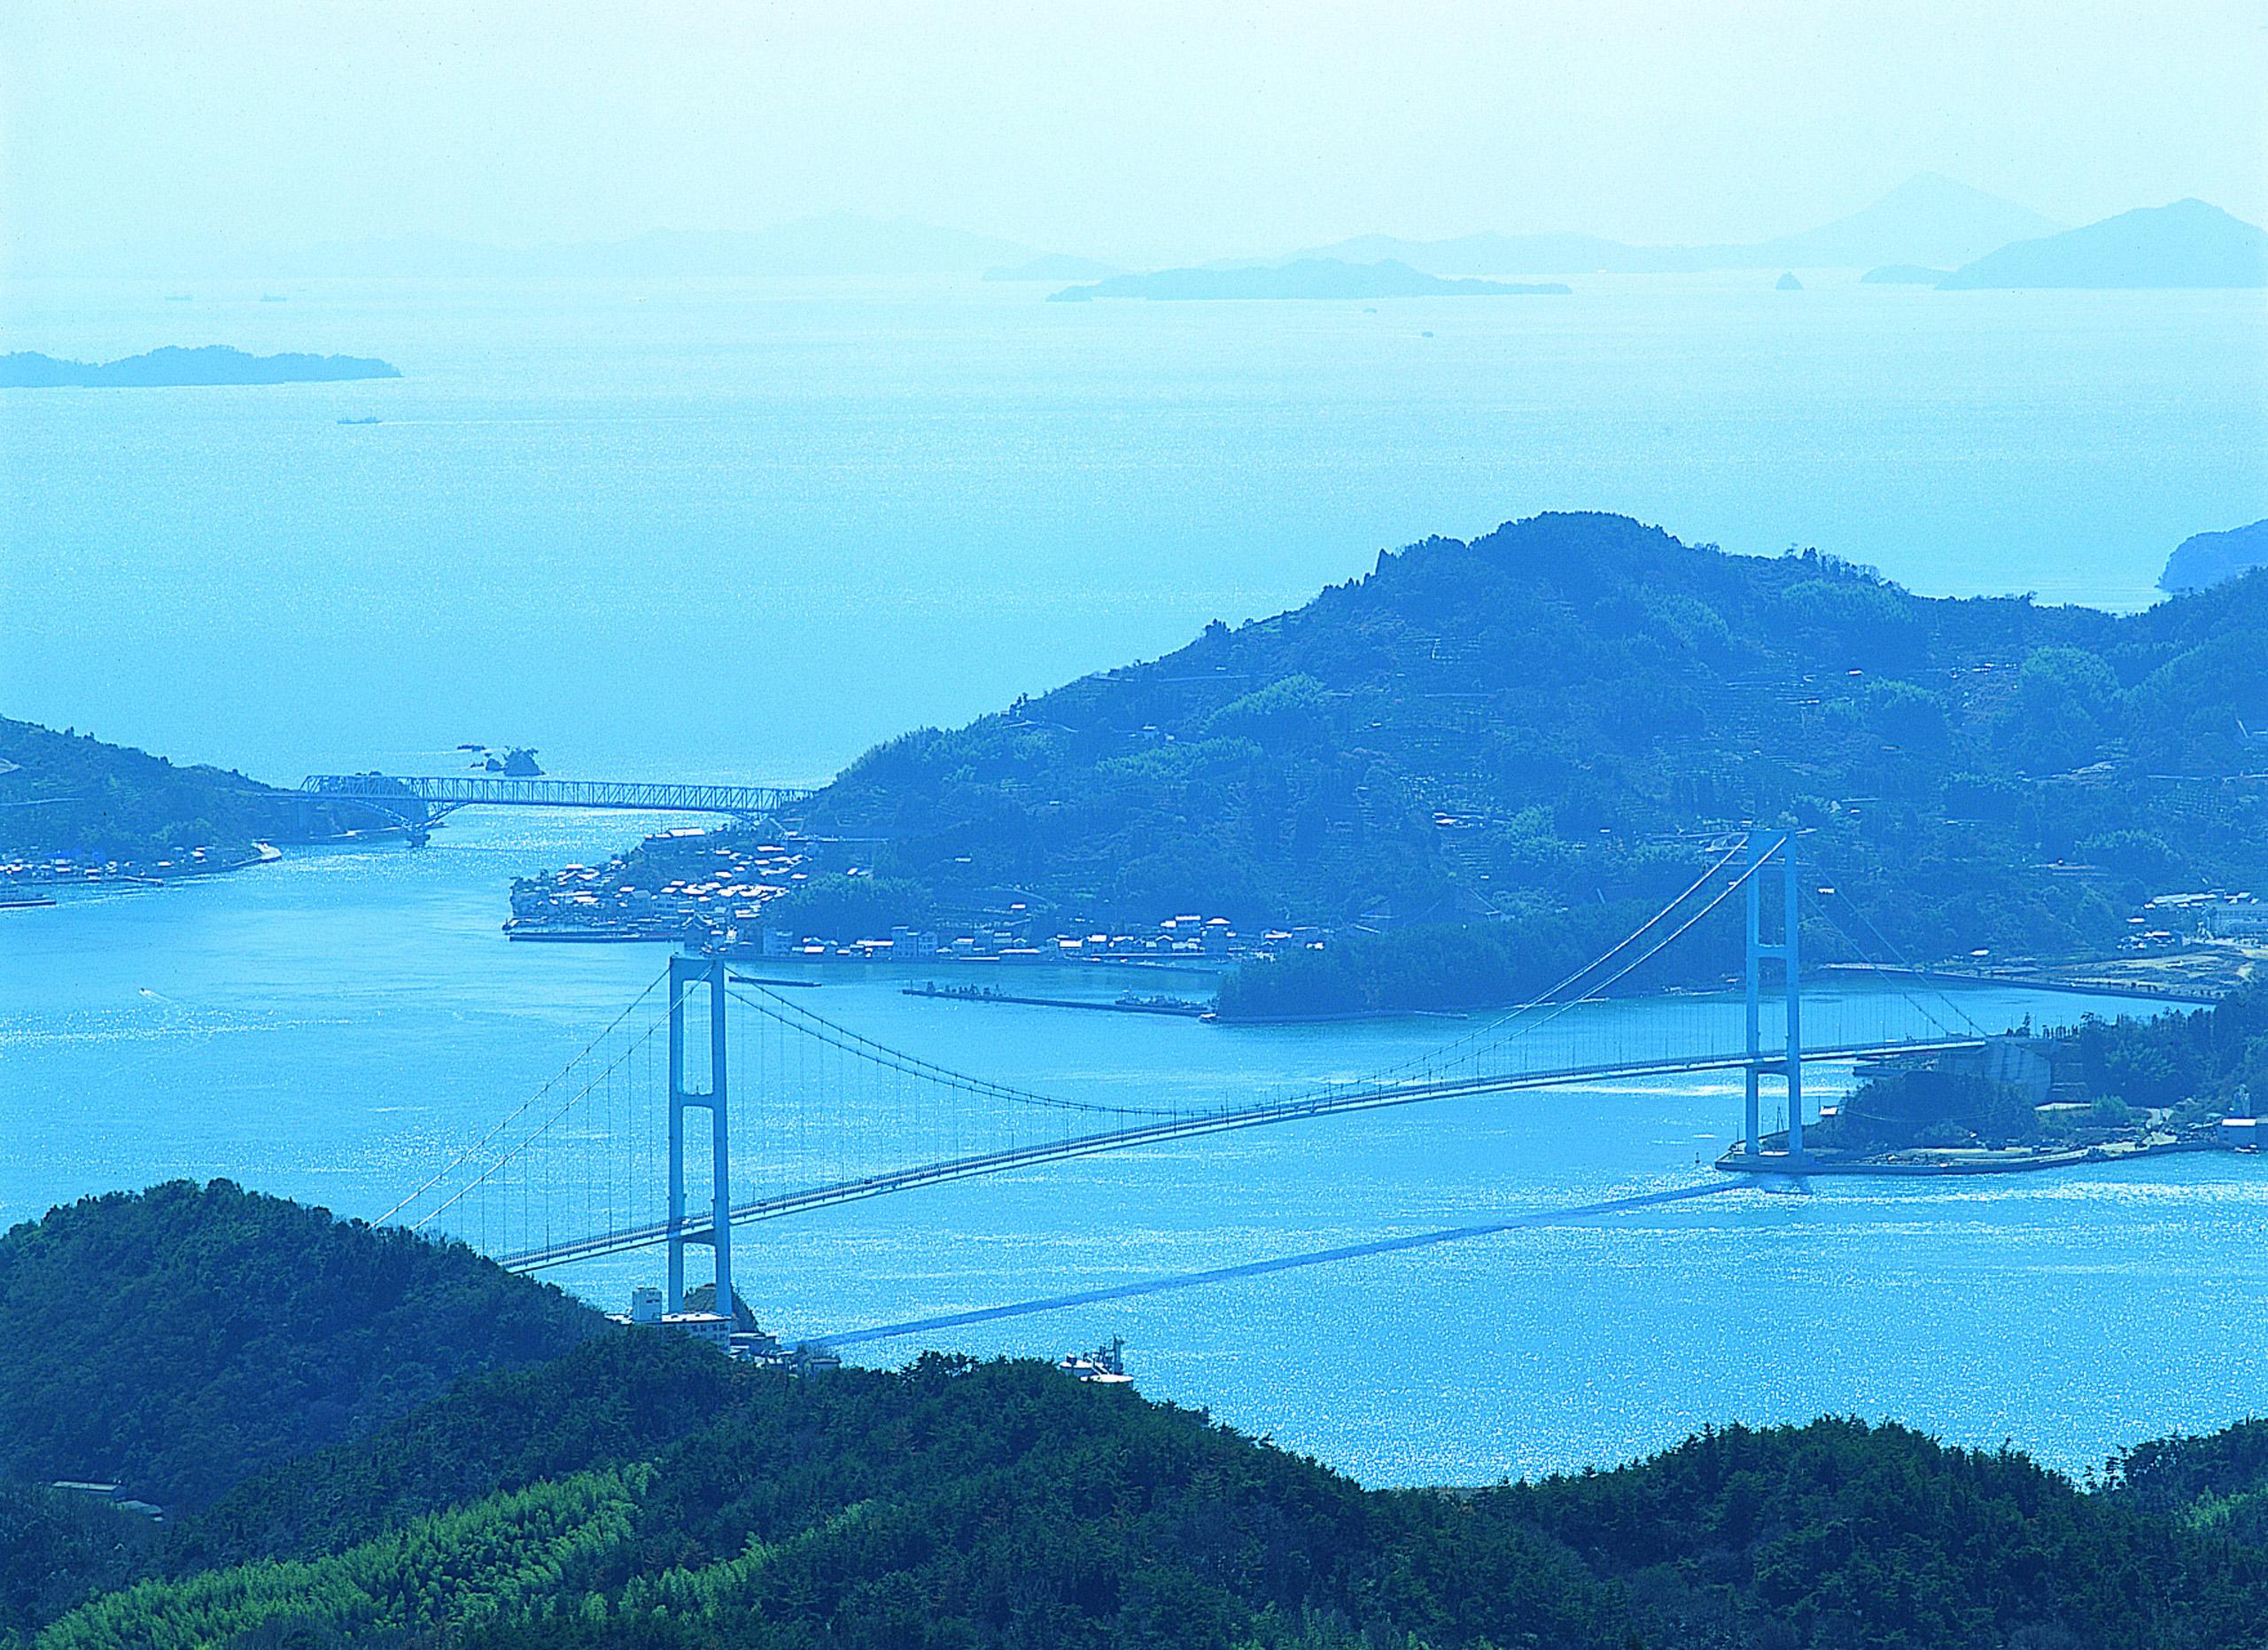 安芸灘大橋、蒲刈大橋と下蒲刈島